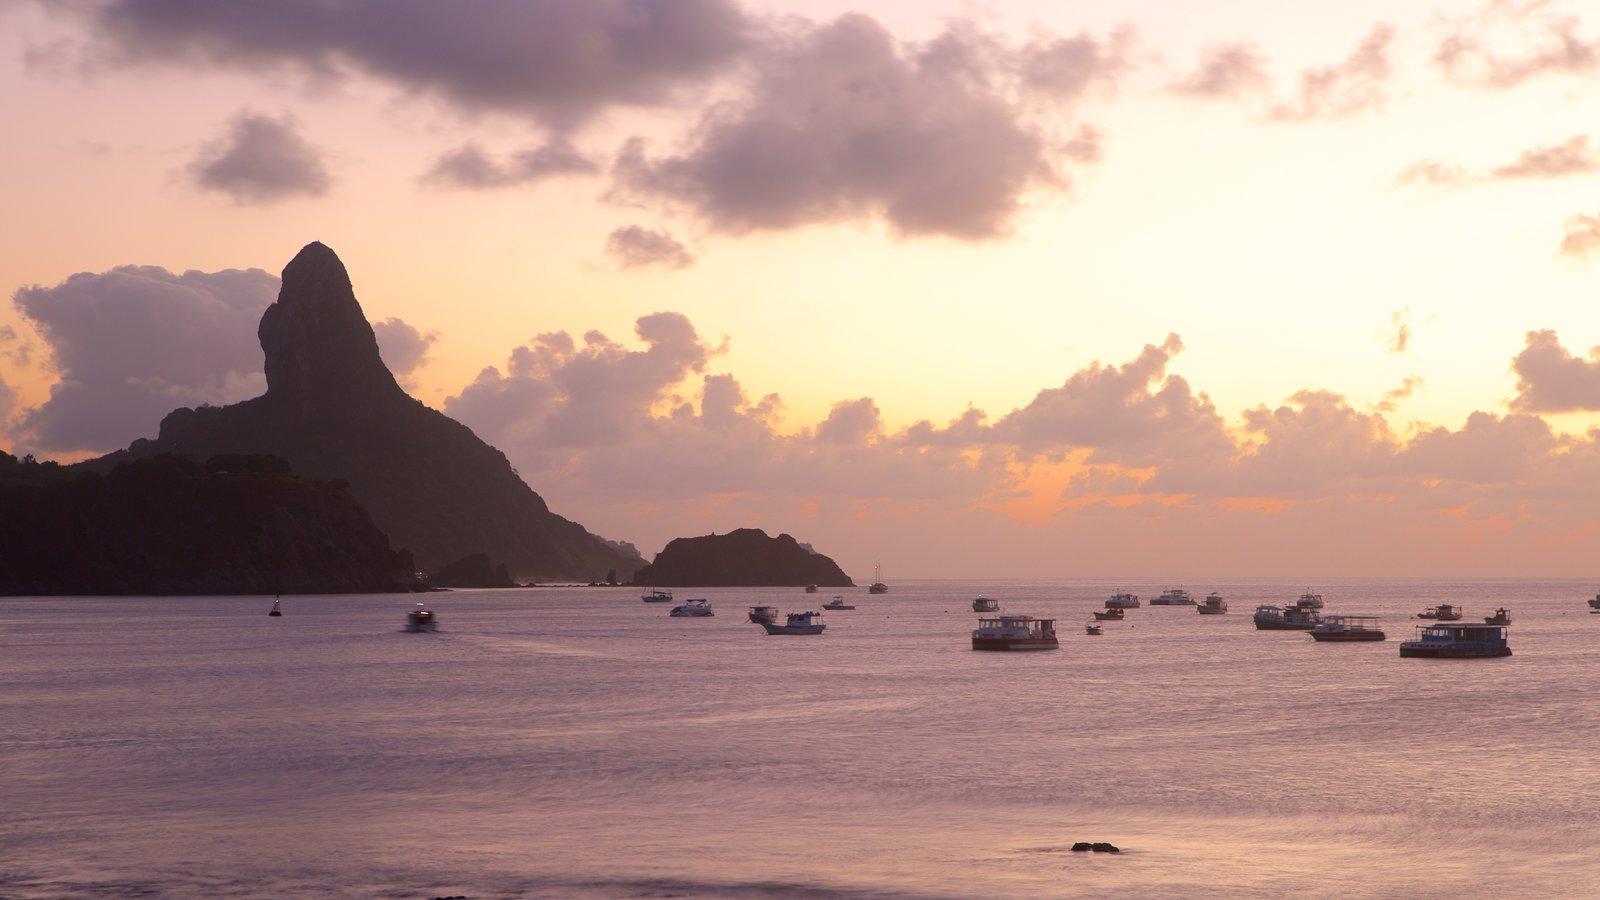 Porto Santo Antônio caracterizando canoagem, paisagens litorâneas e uma praia de pedras